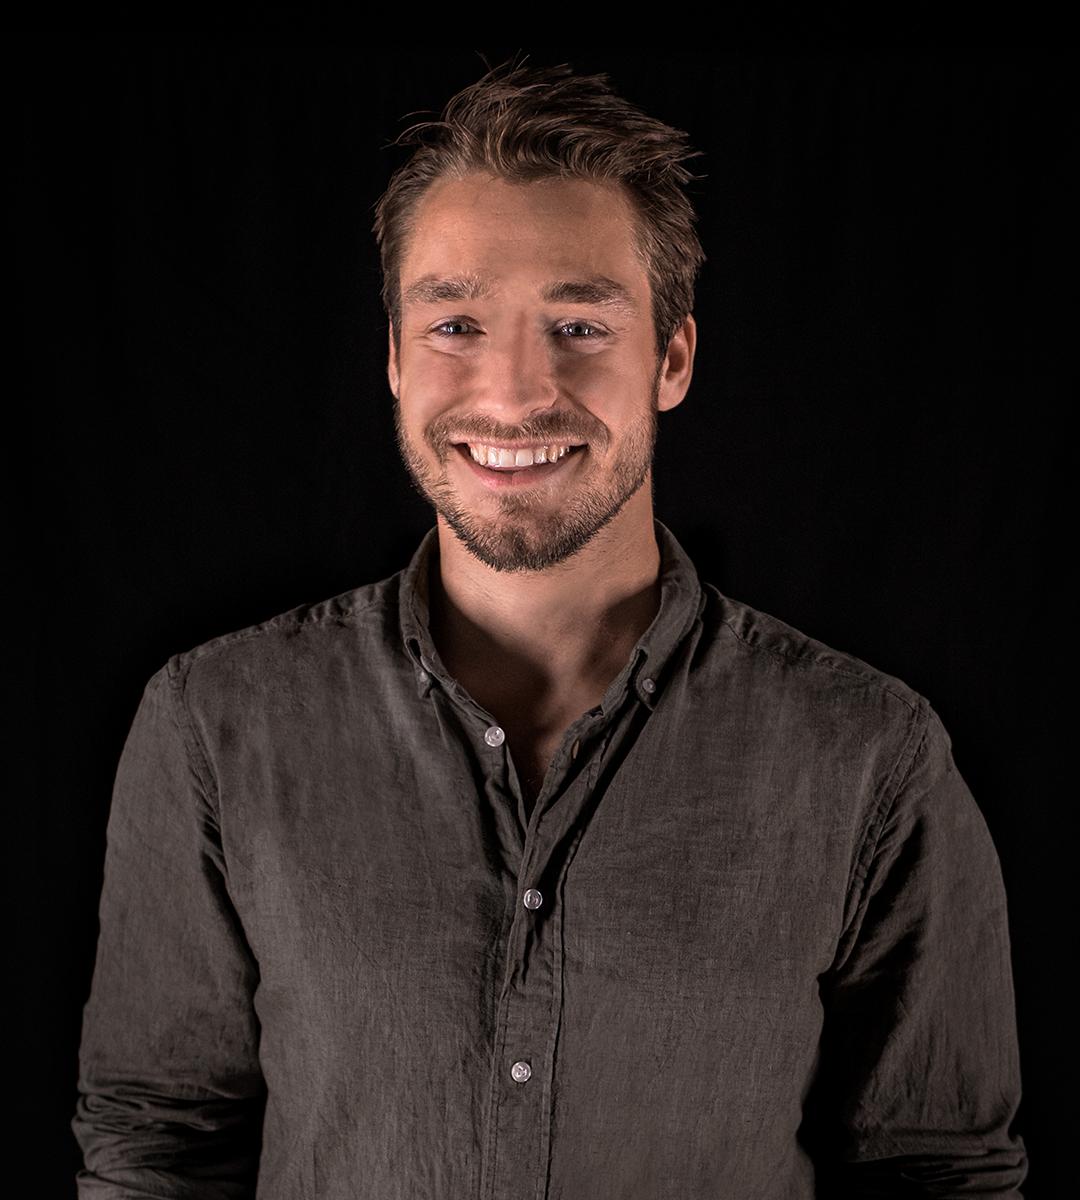 Kontakt Daniel Gangsø